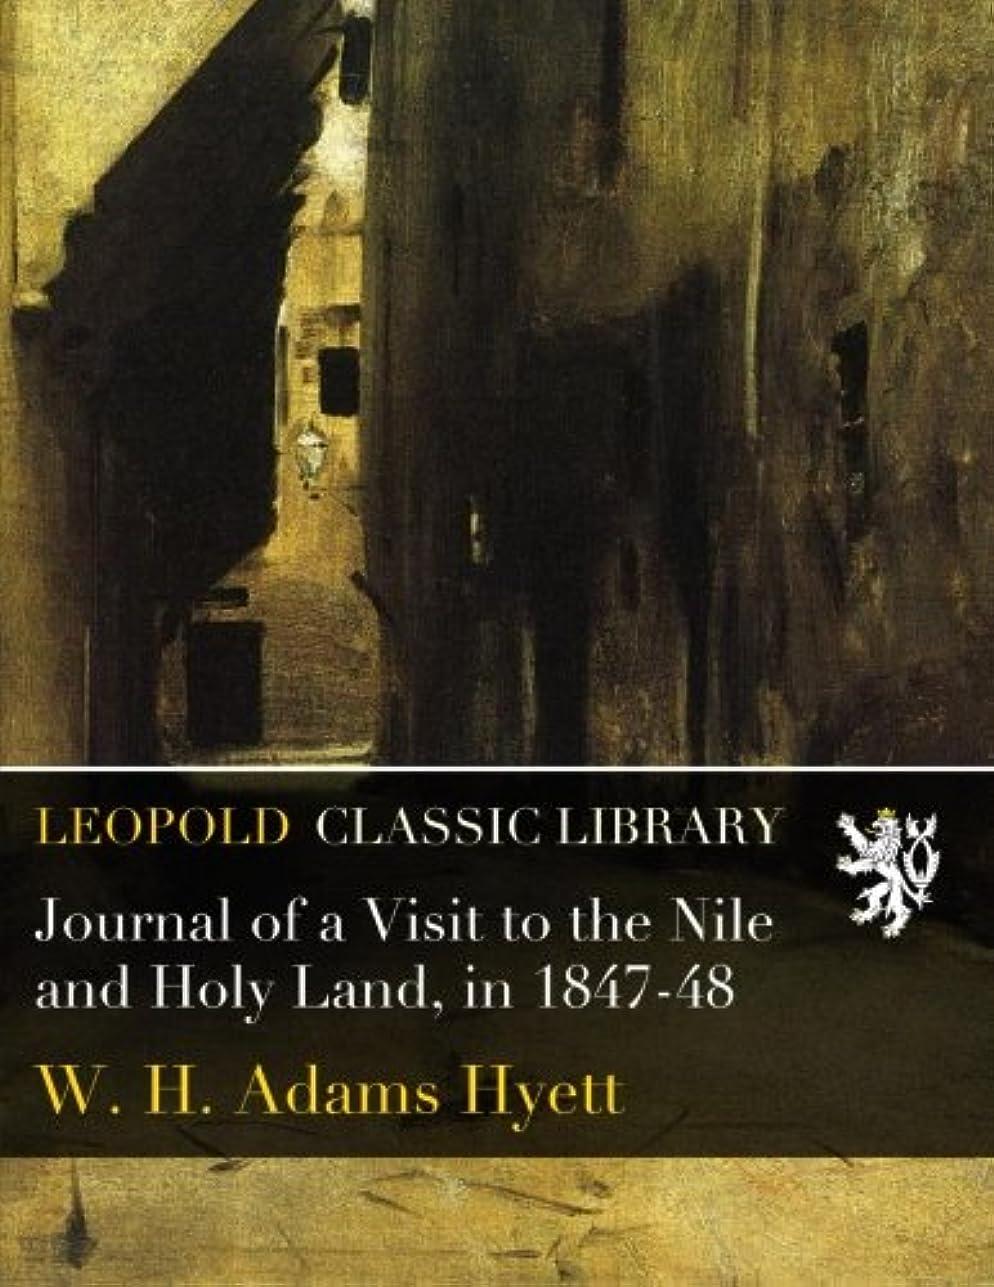 カバーインターネット爆発するJournal of a Visit to the Nile and Holy Land, in 1847-48